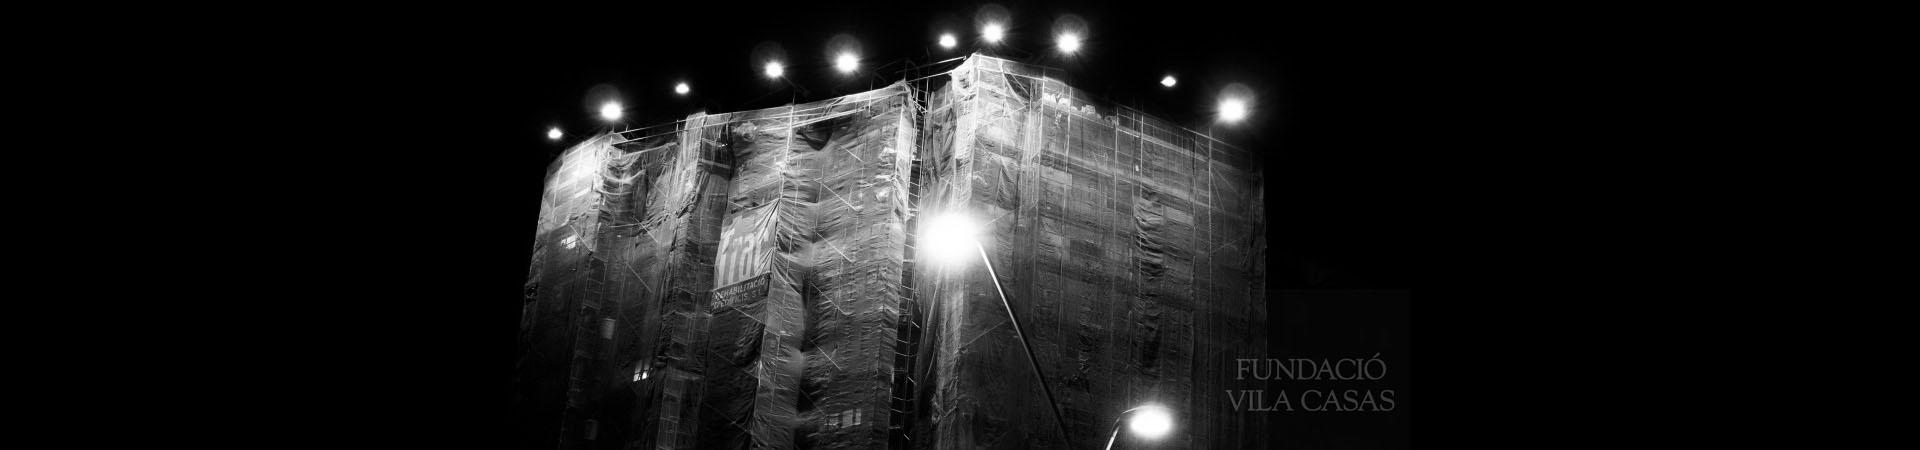 Pell i ombra. Foto: Manel Esclusa